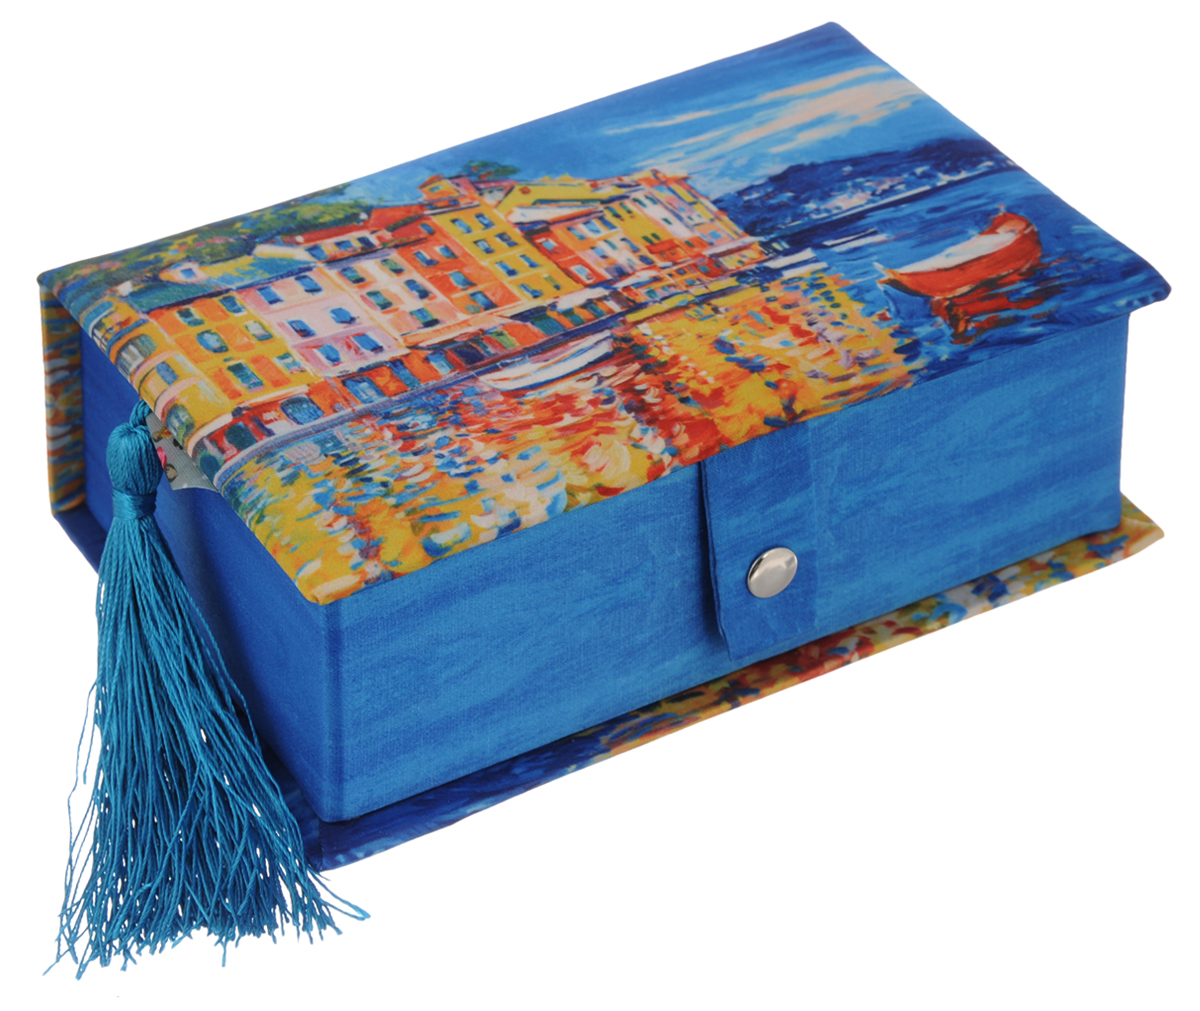 Шкатулка декоративная Феникс-Презент Лодочка, 17,2 х 11,5 х 6,5 см37350Декоративная шкатулка Феникс-Презент Лодочка, выполненная из прочного картона с покрытием из полиэстера, не оставит равнодушным ни одного любителя красивых вещей. Она оснащена одним отделением. На внутренней стороне крышки имеется кармашек.Изделие декорировано полиэстером с оригинальным рисунком и кисточкой. Шкатулка закрывается на кнопку. Такая шкатулка может использоваться для хранения бижутерии, в качестве украшения интерьера, а также послужит хорошим подарком для человека, ценящего практичные и оригинальные вещи.